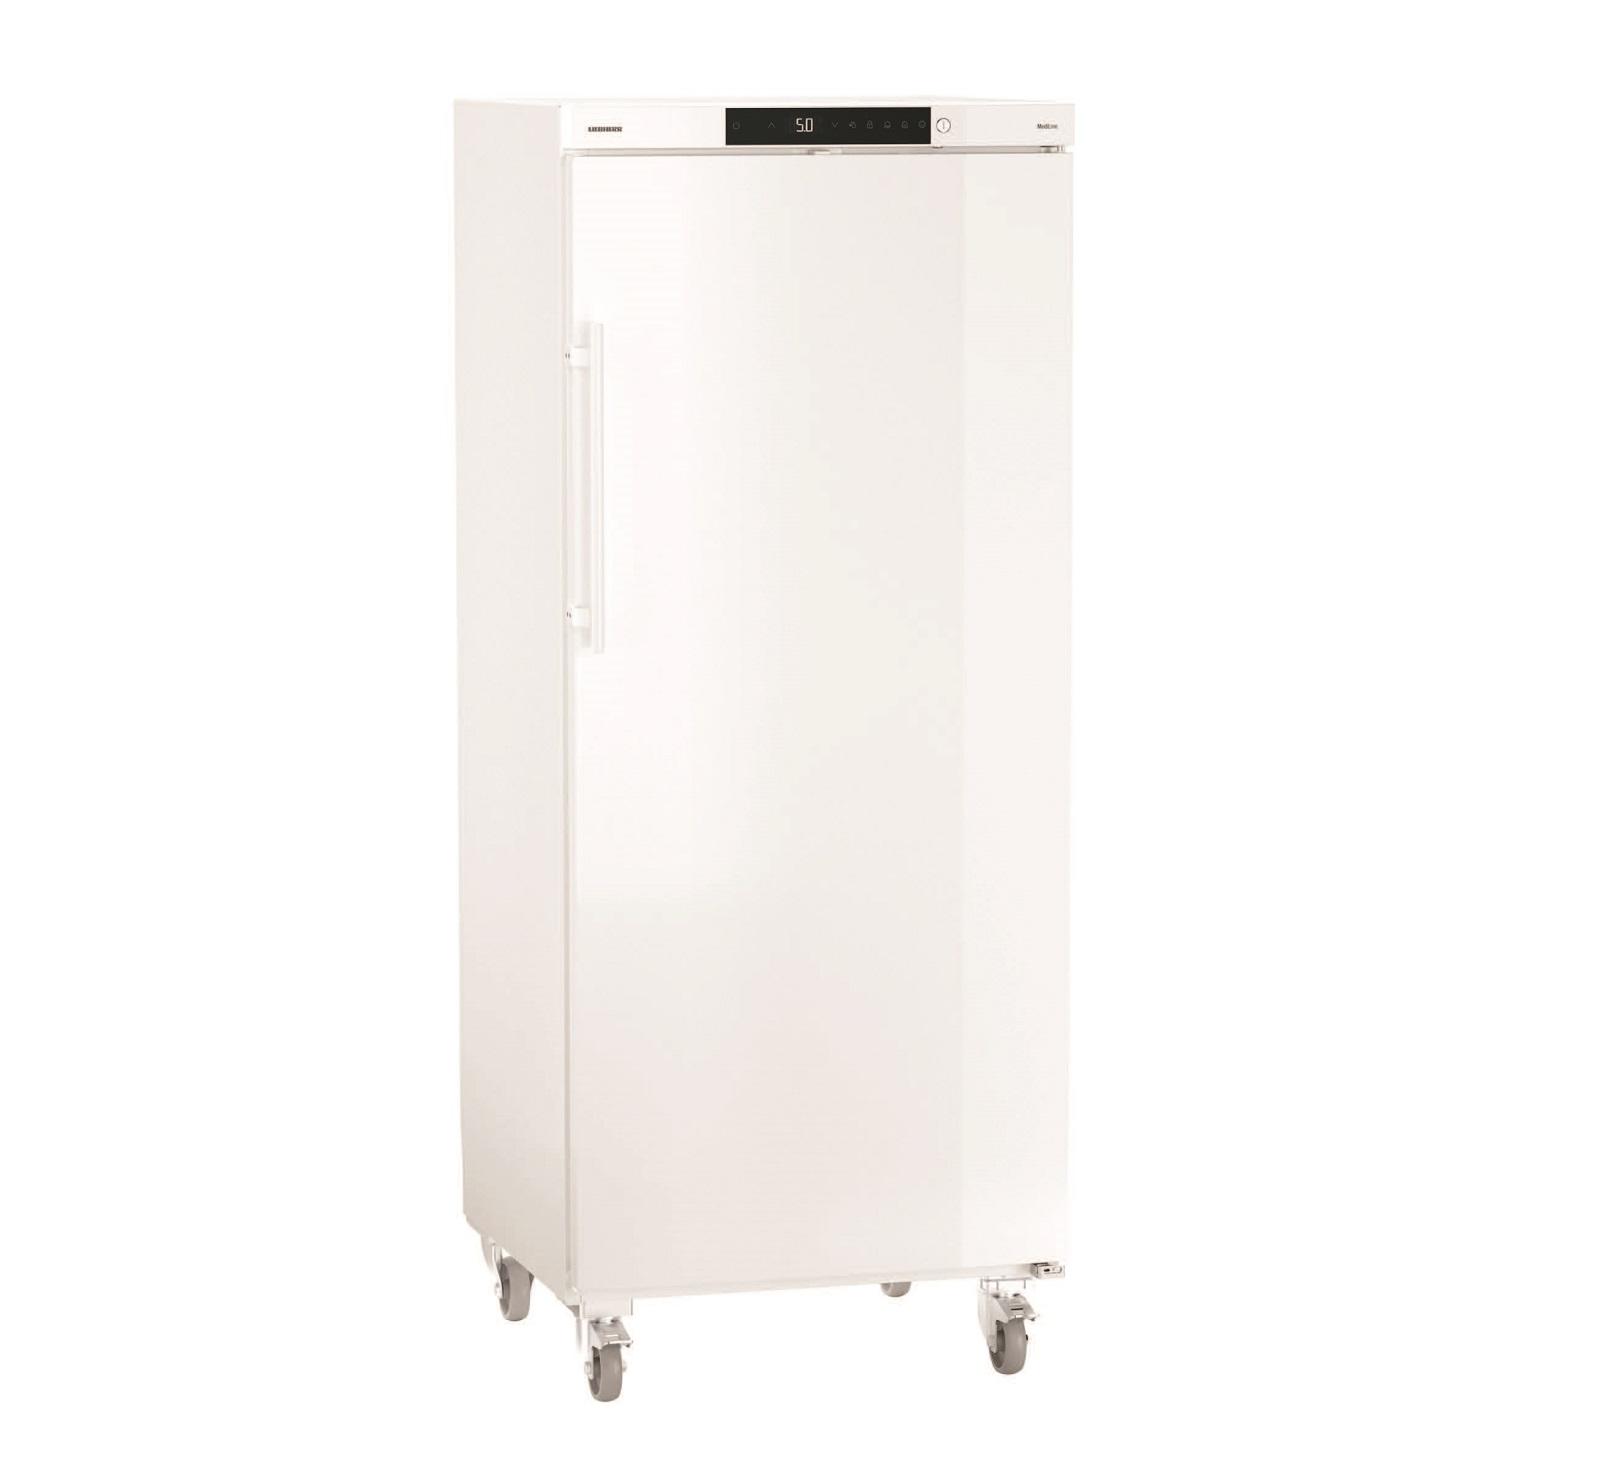 купить Лабораторный холодильный шкаф Liebherr  LKv 5710 Украина фото 1